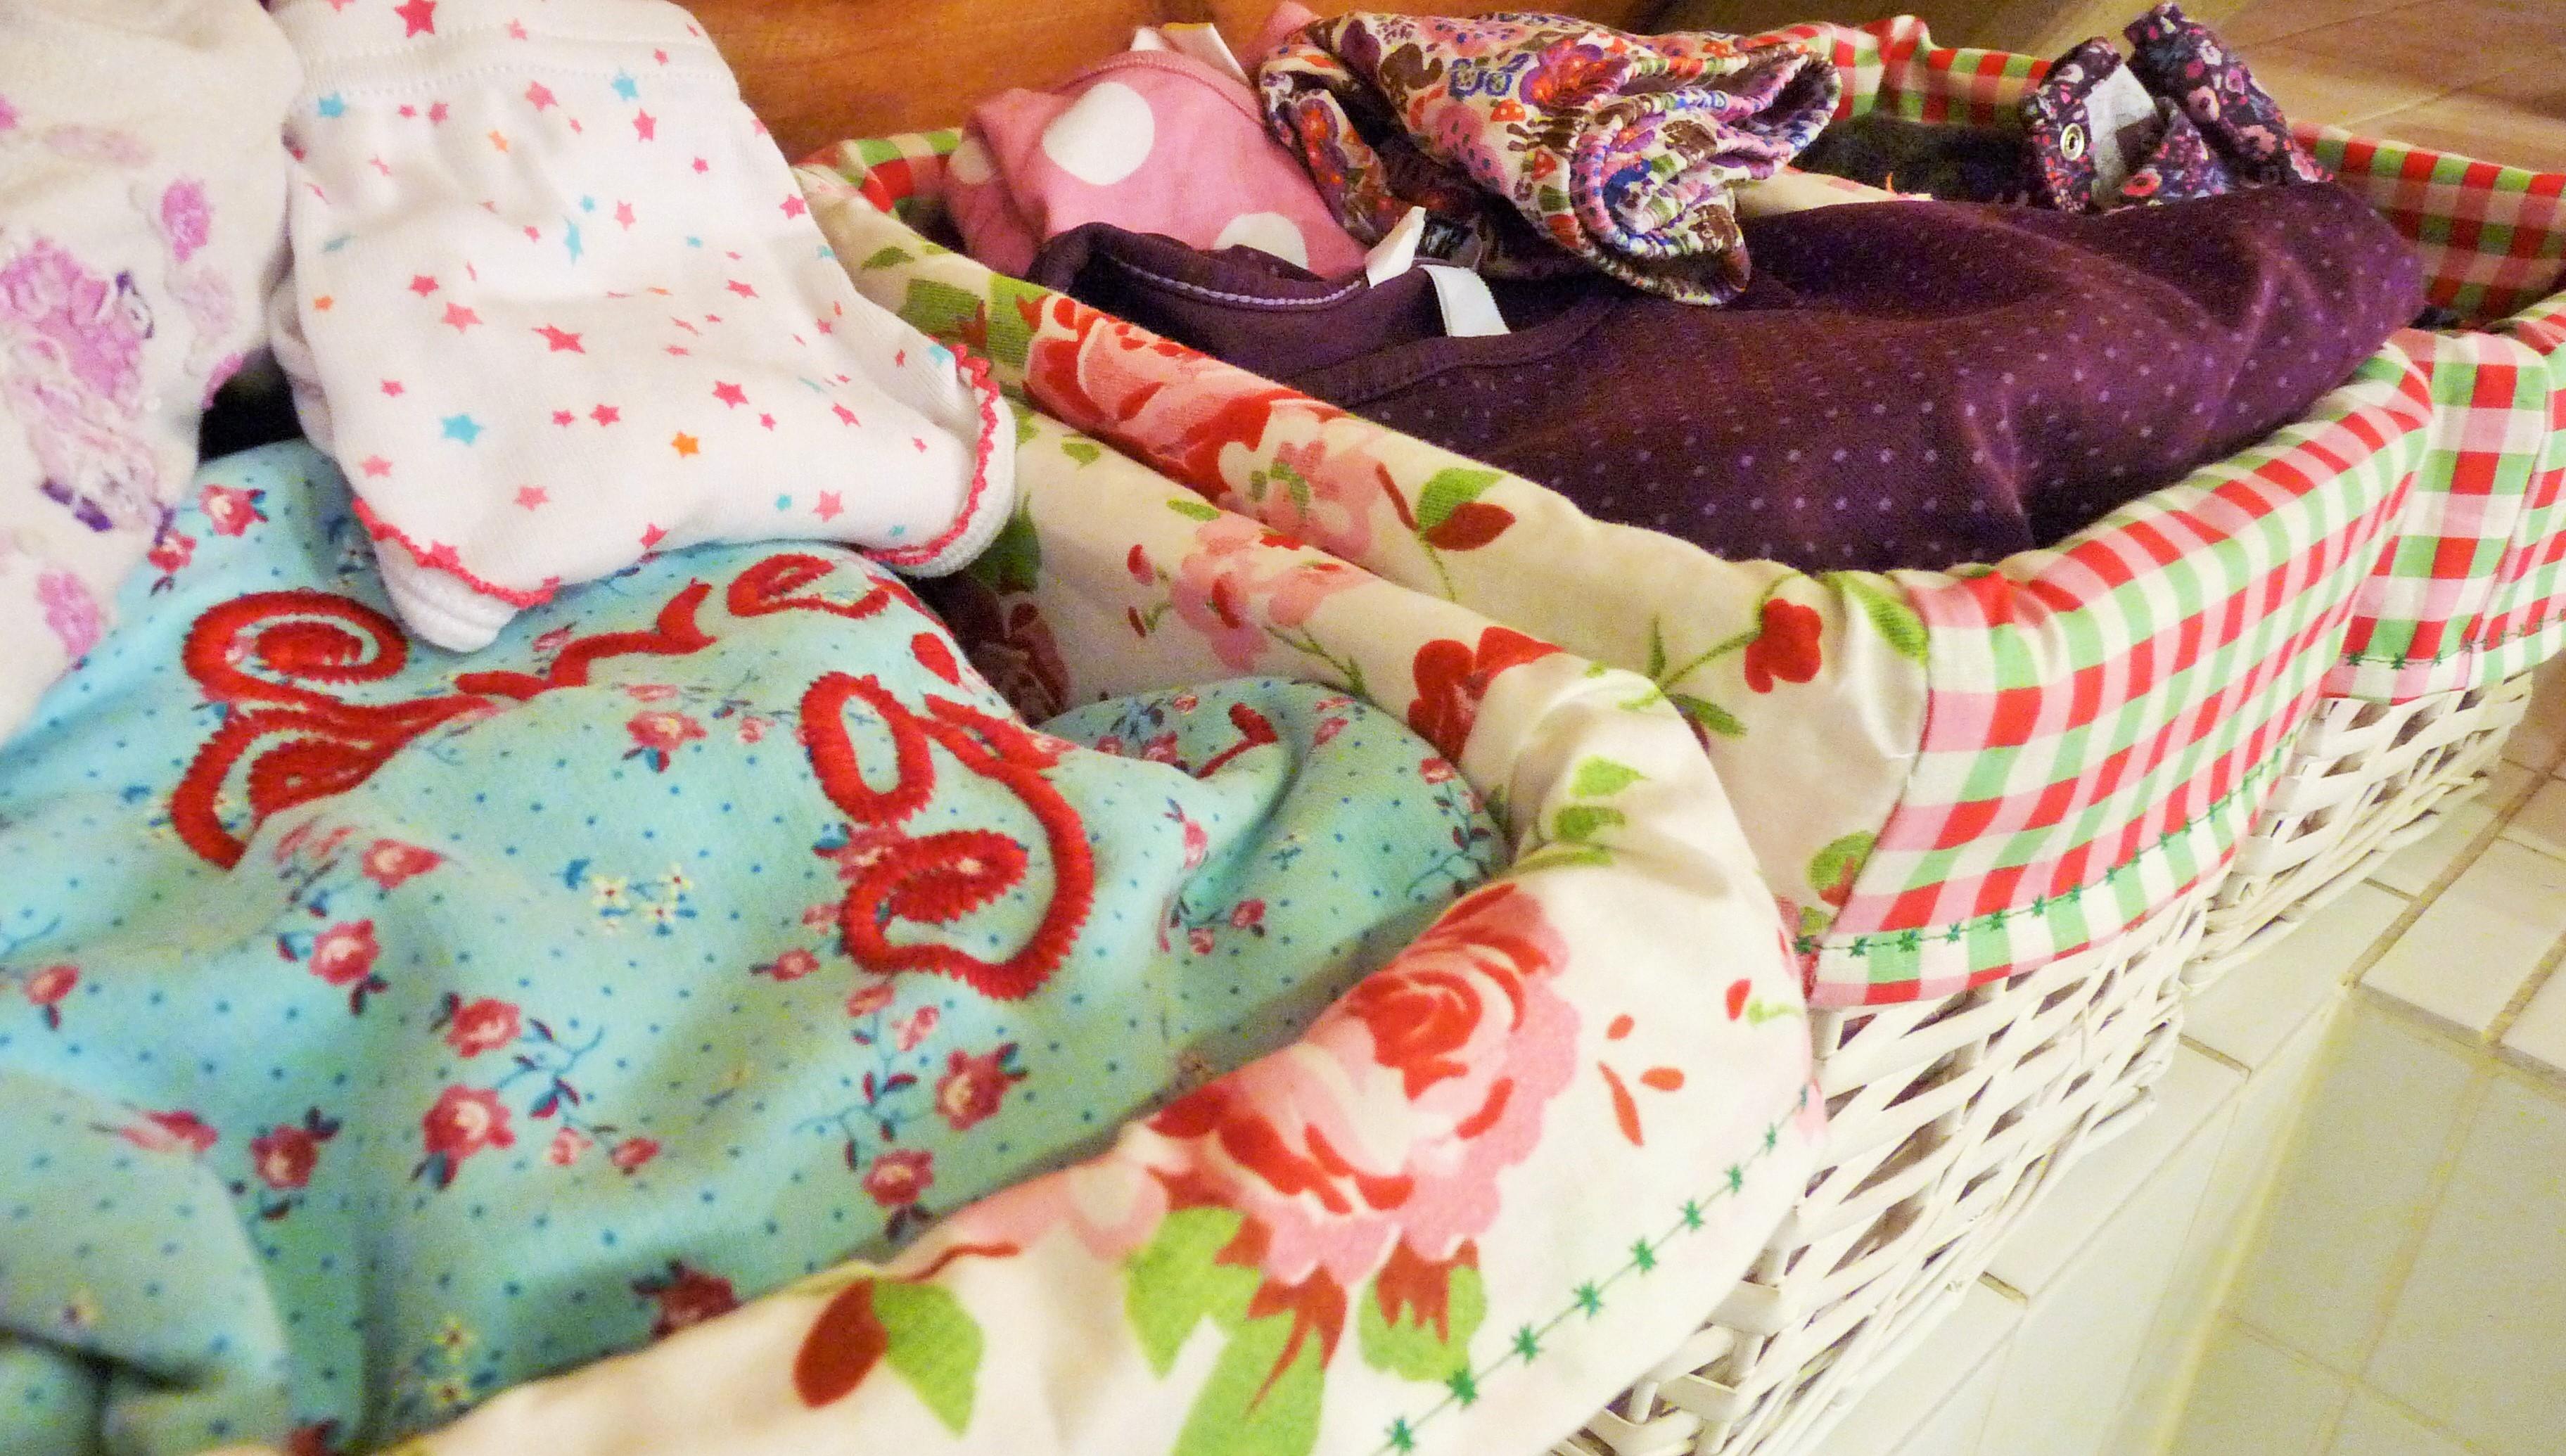 Jedes Kind hat seinen Korb in den wir/ich abends die Kleidung für den nächsten Tag hinein lege und morgens das Nachthemd/Schlafanzug für die Nacht.